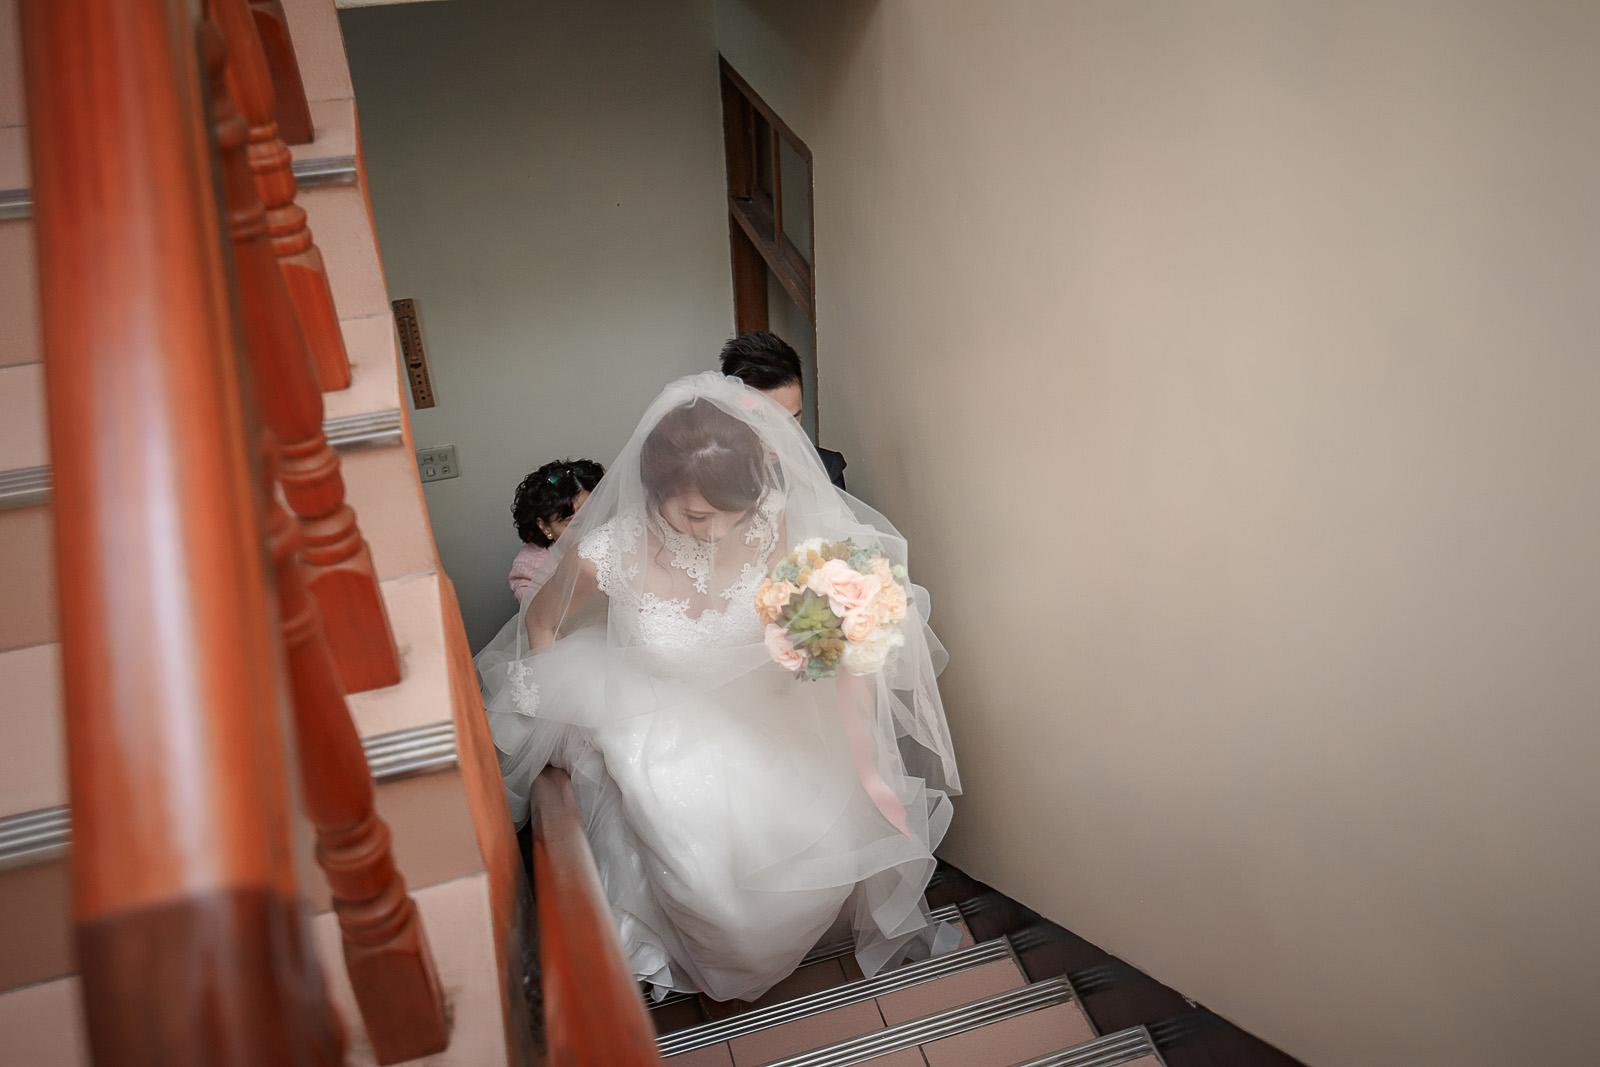 高雄圓山飯店,婚禮攝影,婚攝,高雄婚攝,優質婚攝推薦,Jen&Ethan-173